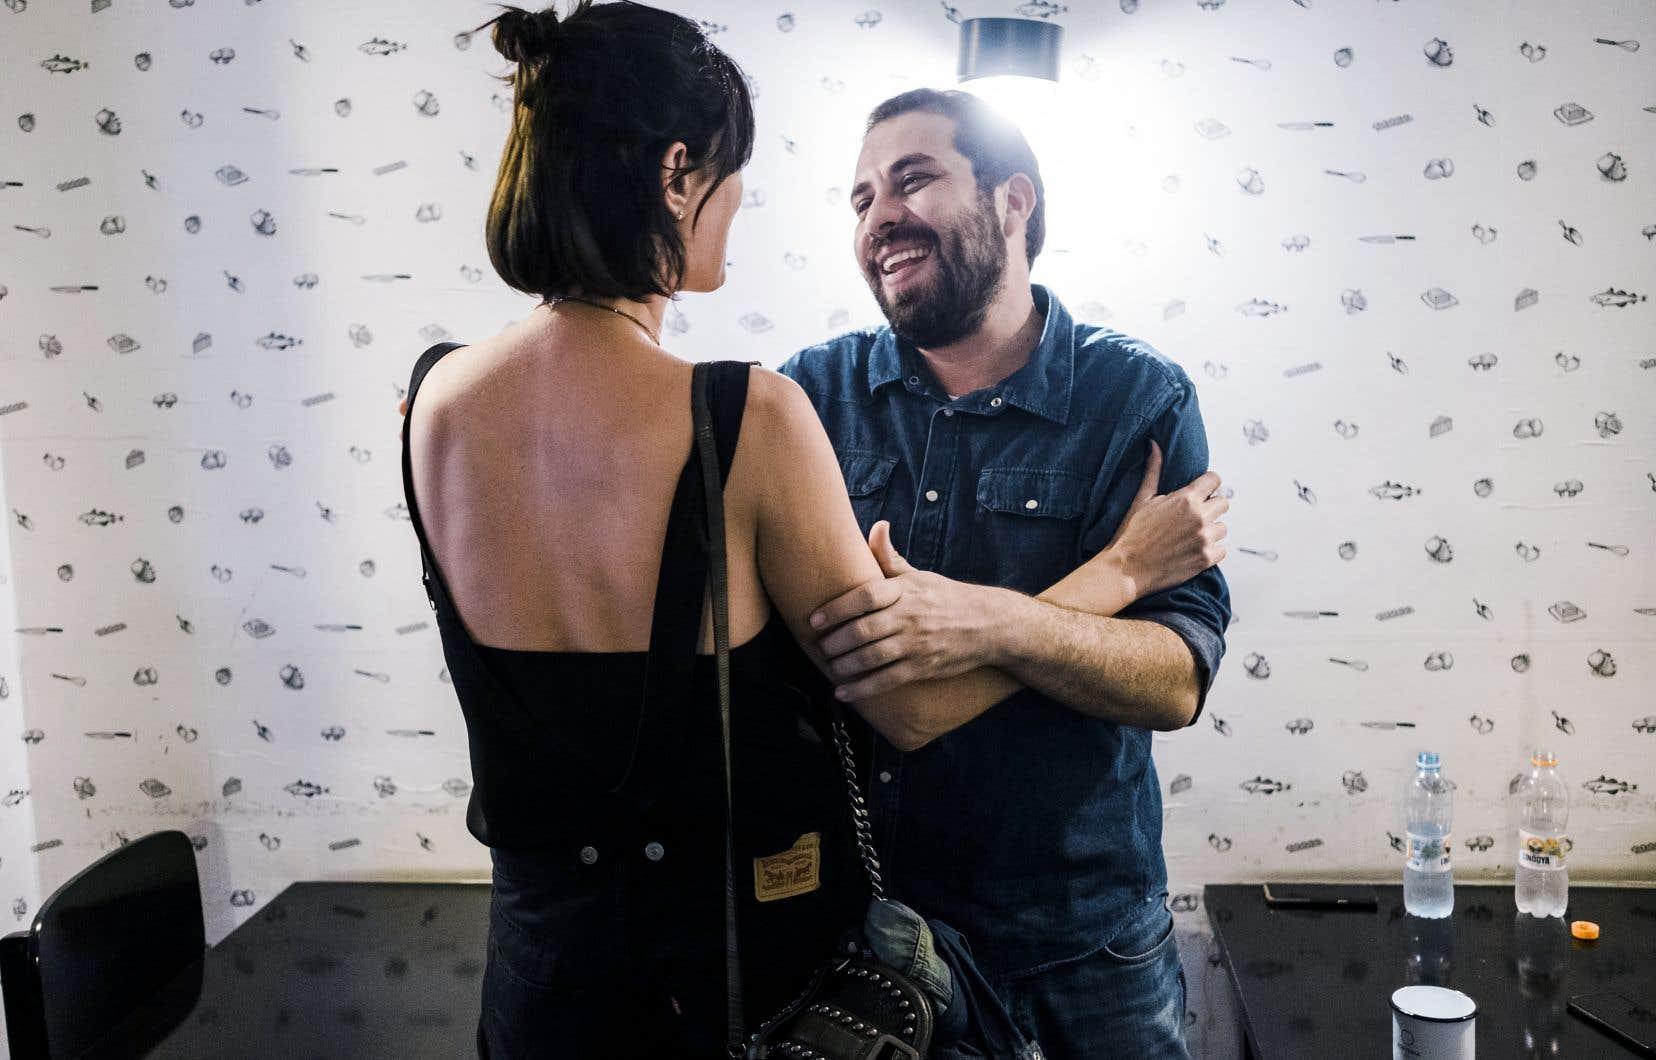 «Bolsonaro pouvait compter sur 60% de satisfaction au sein de la population en janvier 2019. À la fin de cette année, cet appui a fondu de moitié et s'établit à 30%», selon Guilherme Boulos, une étoile montante de la gauche brésilienne, félicité ici par une partisane.